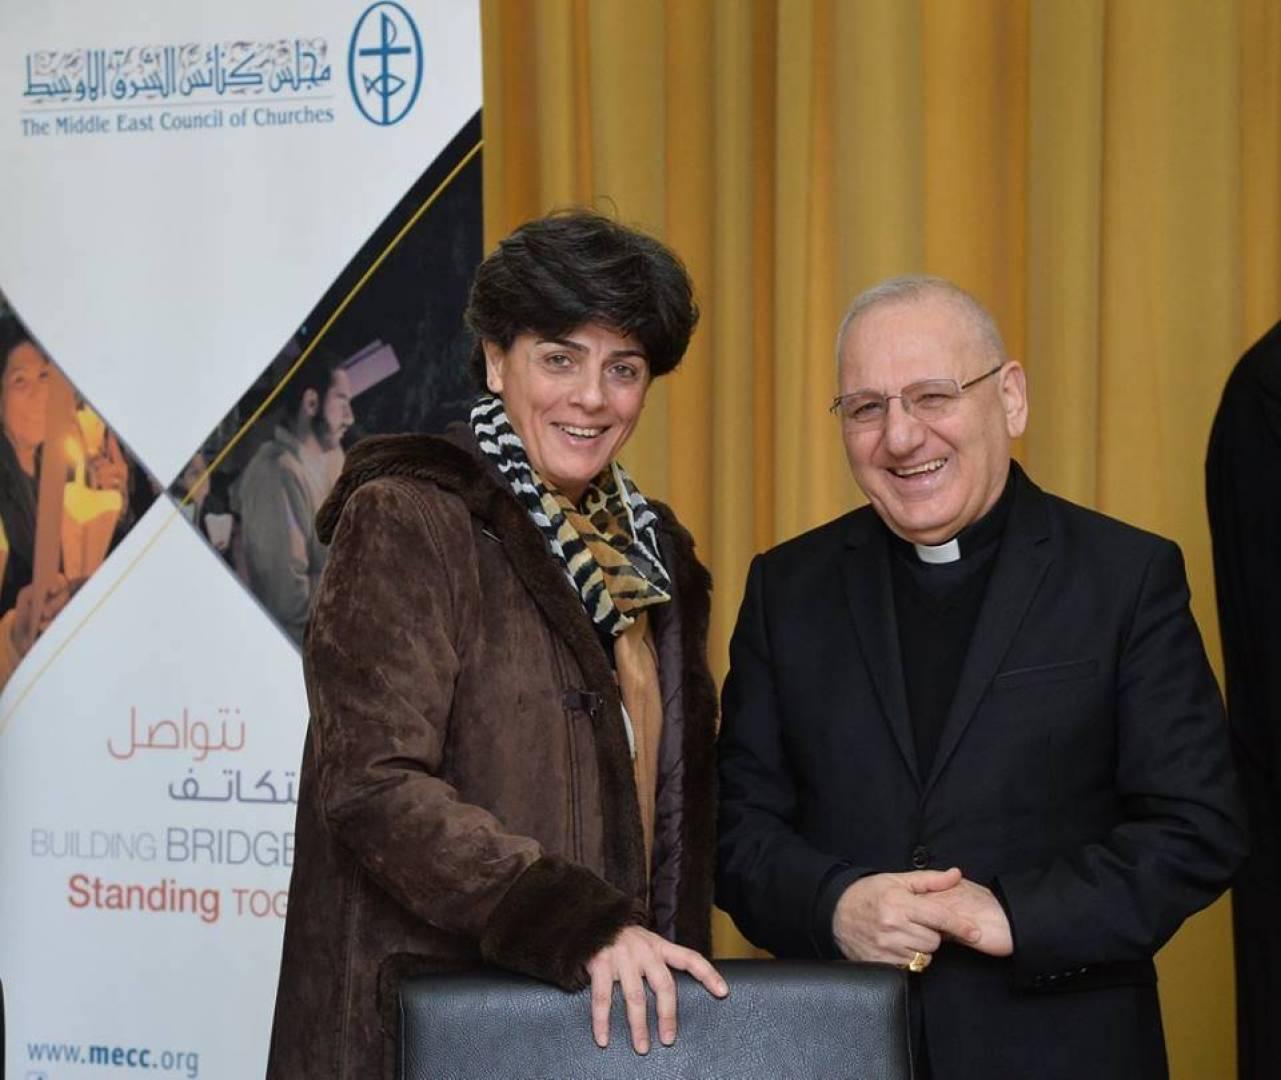 ثريا بشعلاني.. أول سيدة تتولى أمانة مجلس كنائس الشرق الأوسط